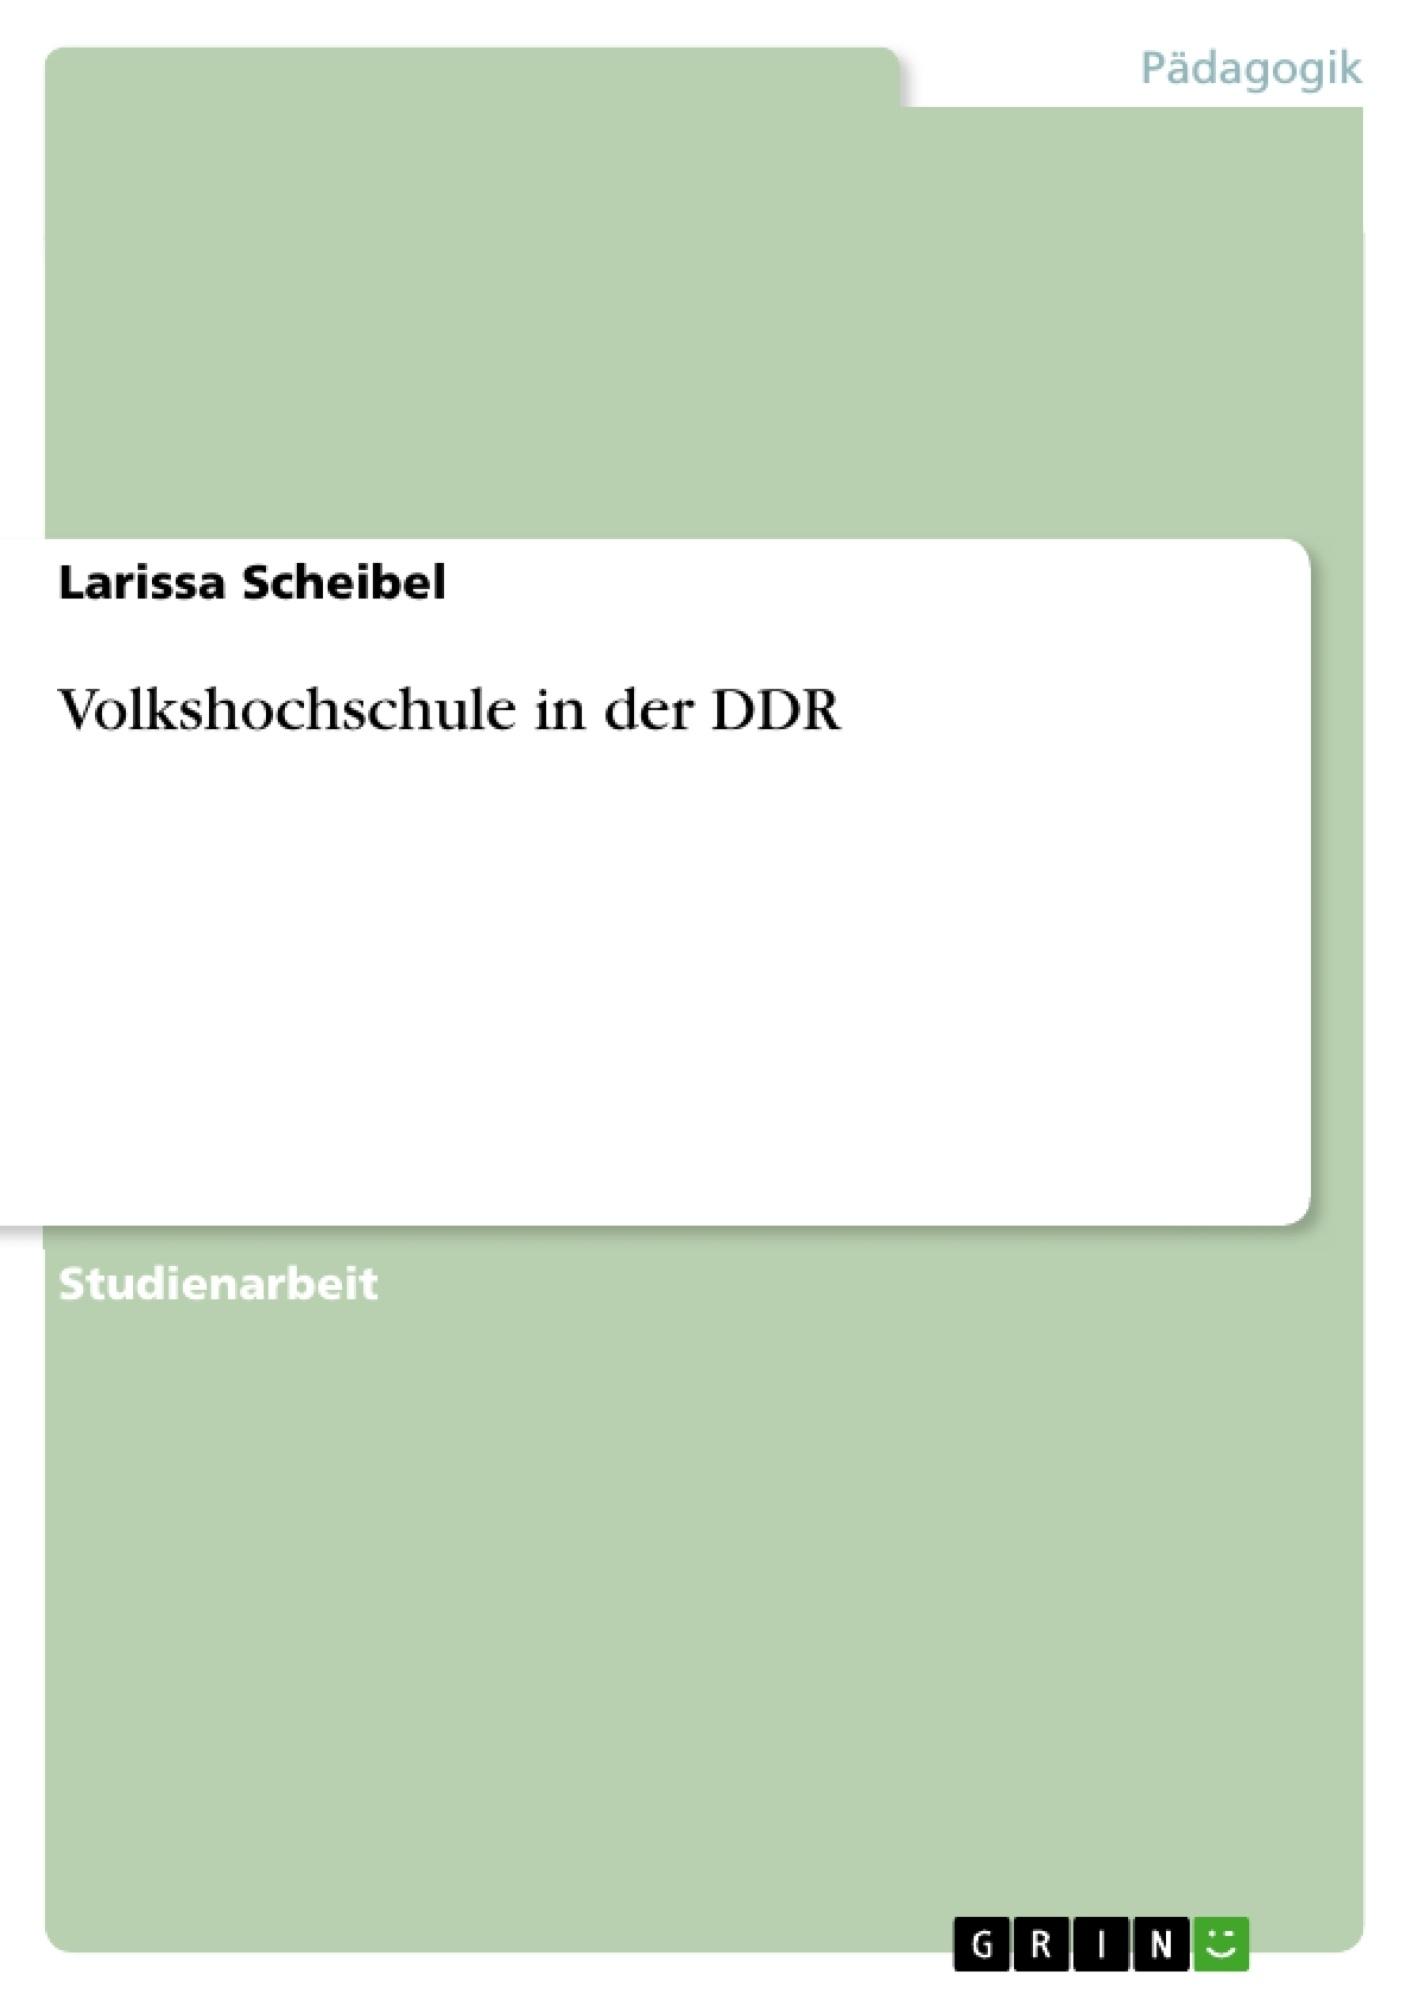 Titel: Volkshochschule in der DDR